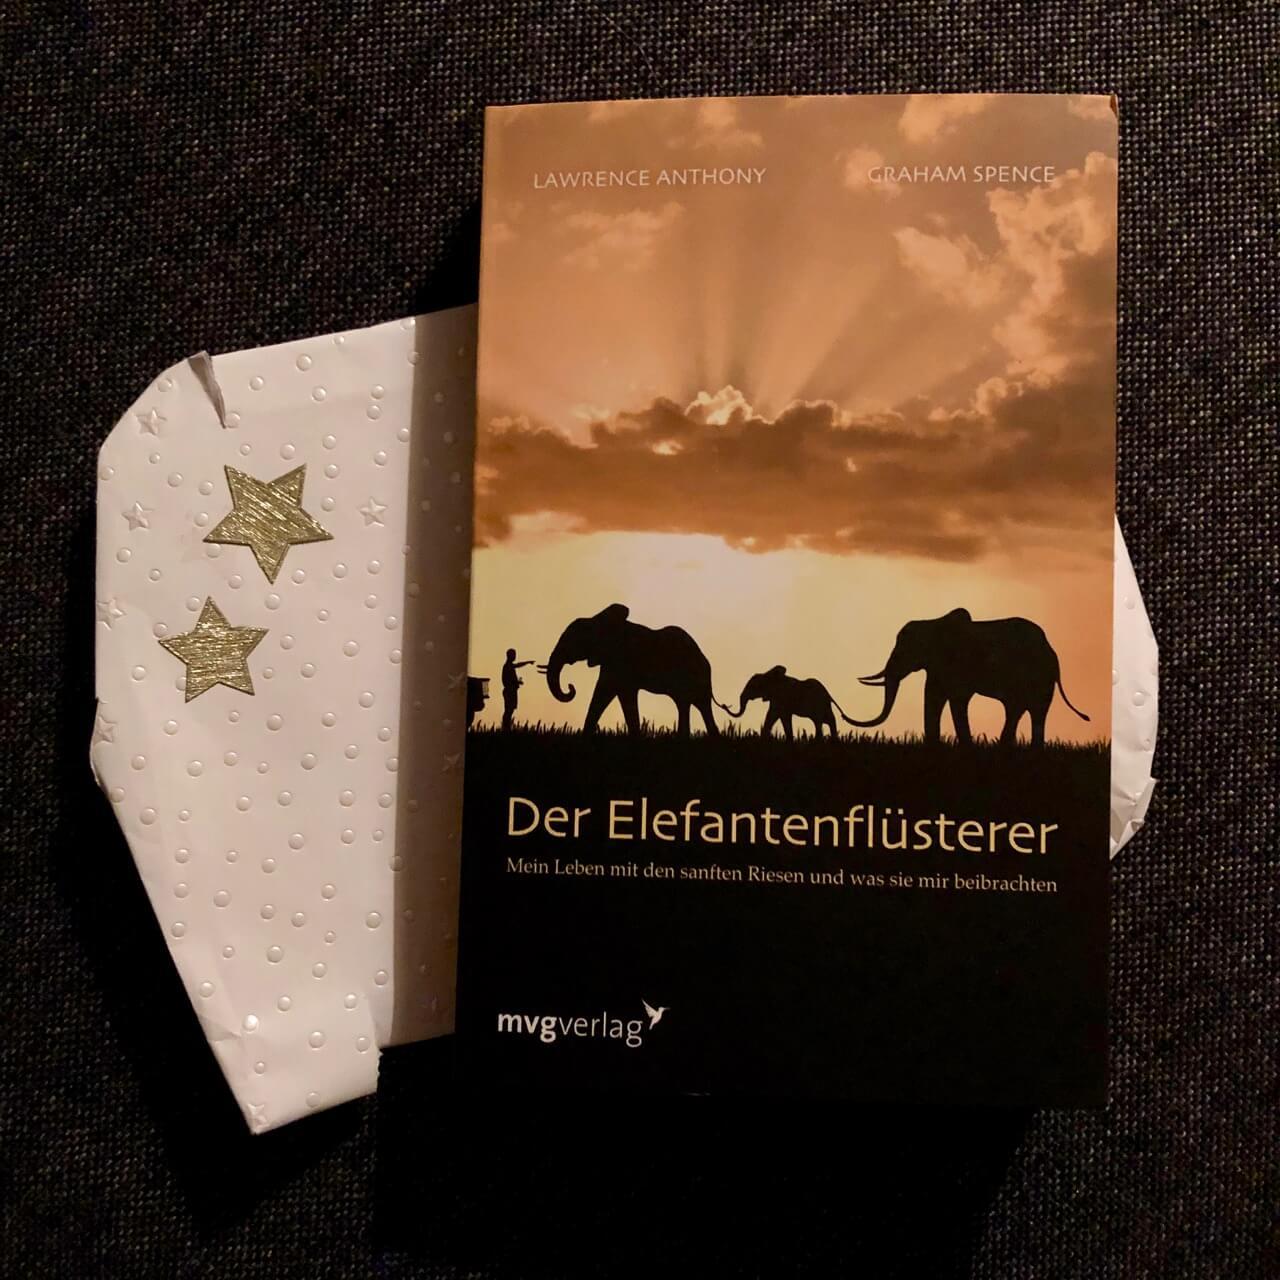 Der Elefantenflüsterer, mvgverlag - Ein Wichtelgeschenk auf das ich mich über die Feiertage freue.